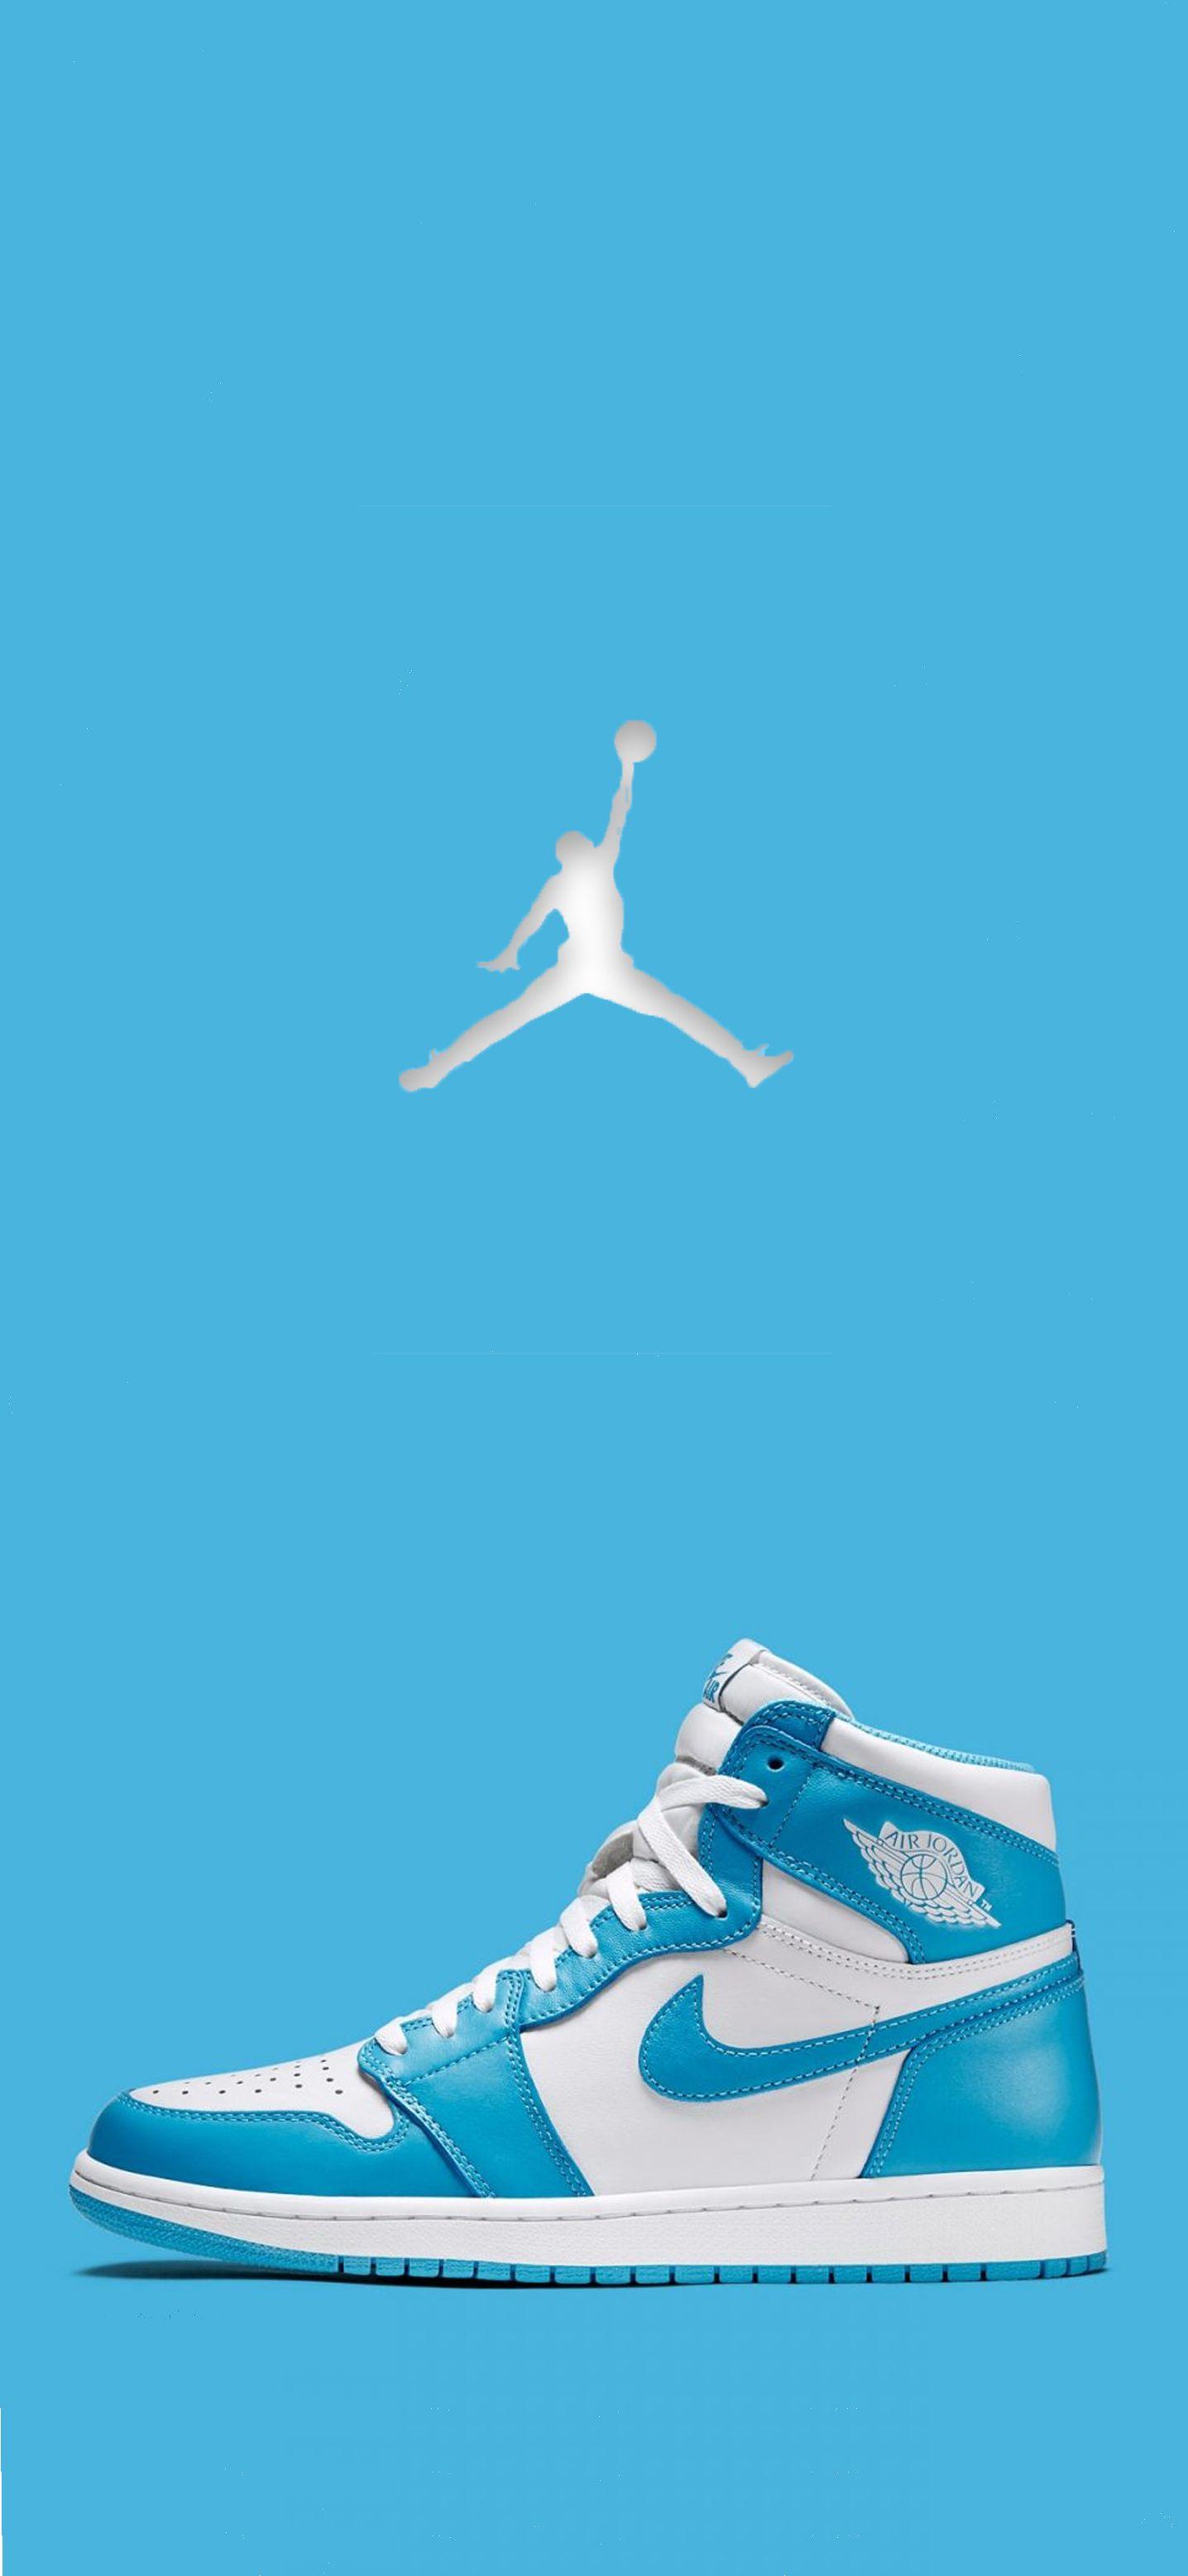 Unc Jordan 1 Sneakers Wallpaper Jordan Shoes Wallpaper Sneakers Illustration